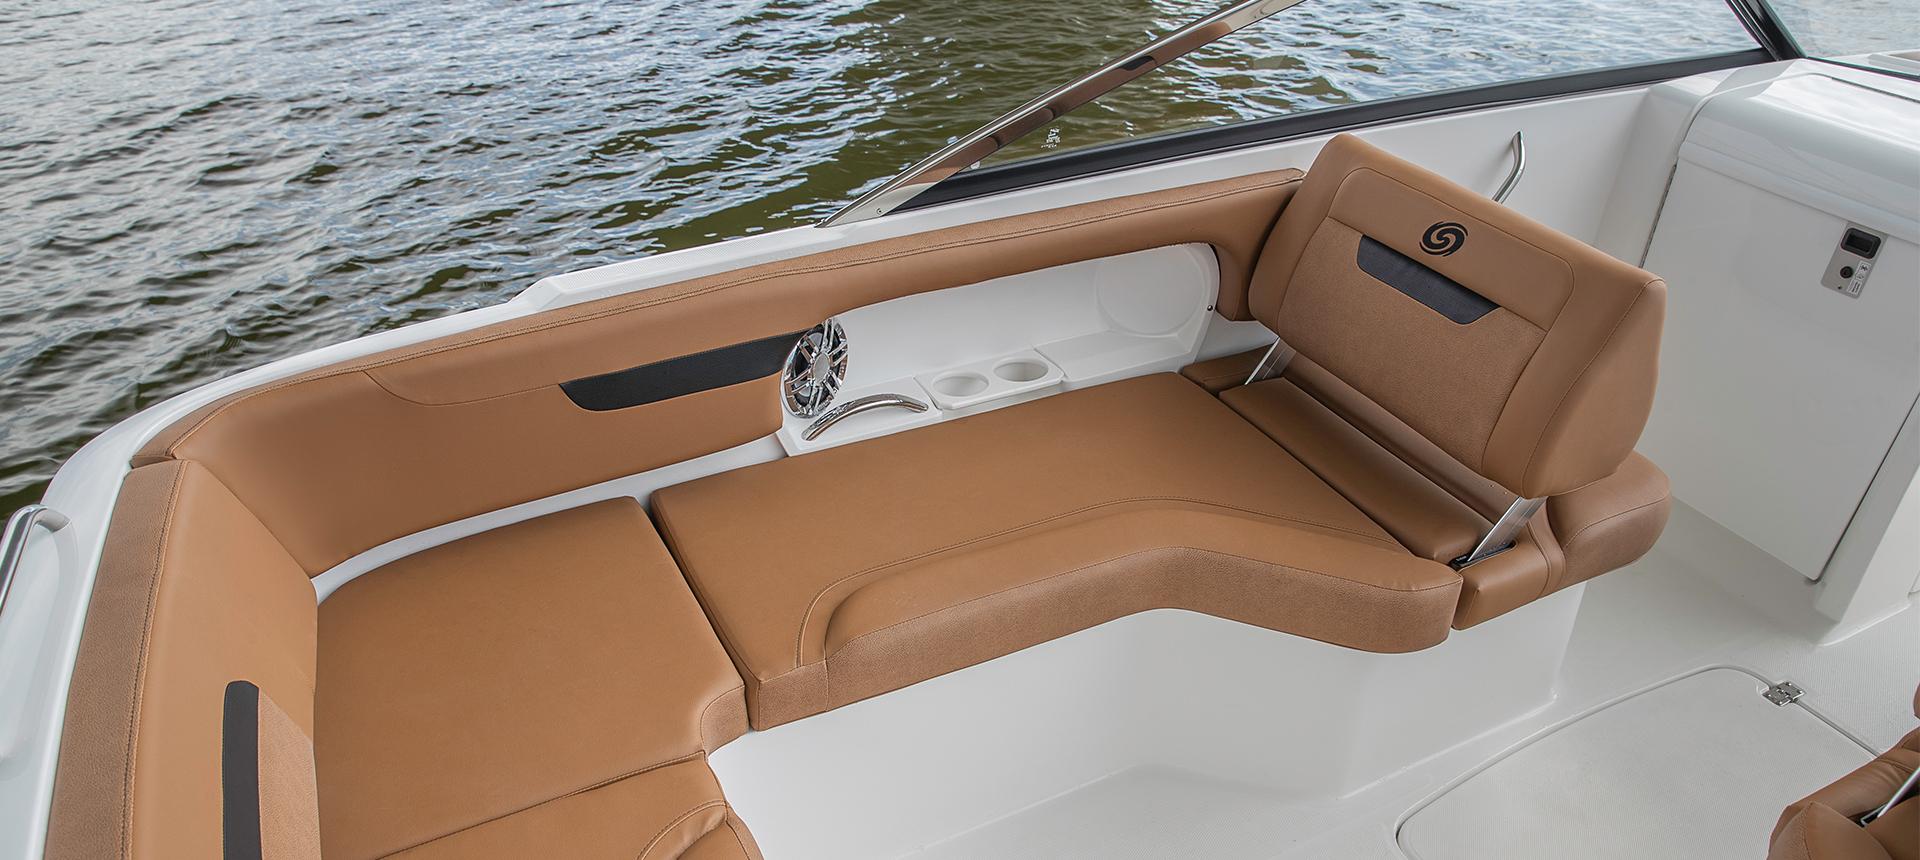 Hurricane Boats SunDeck 235 OB